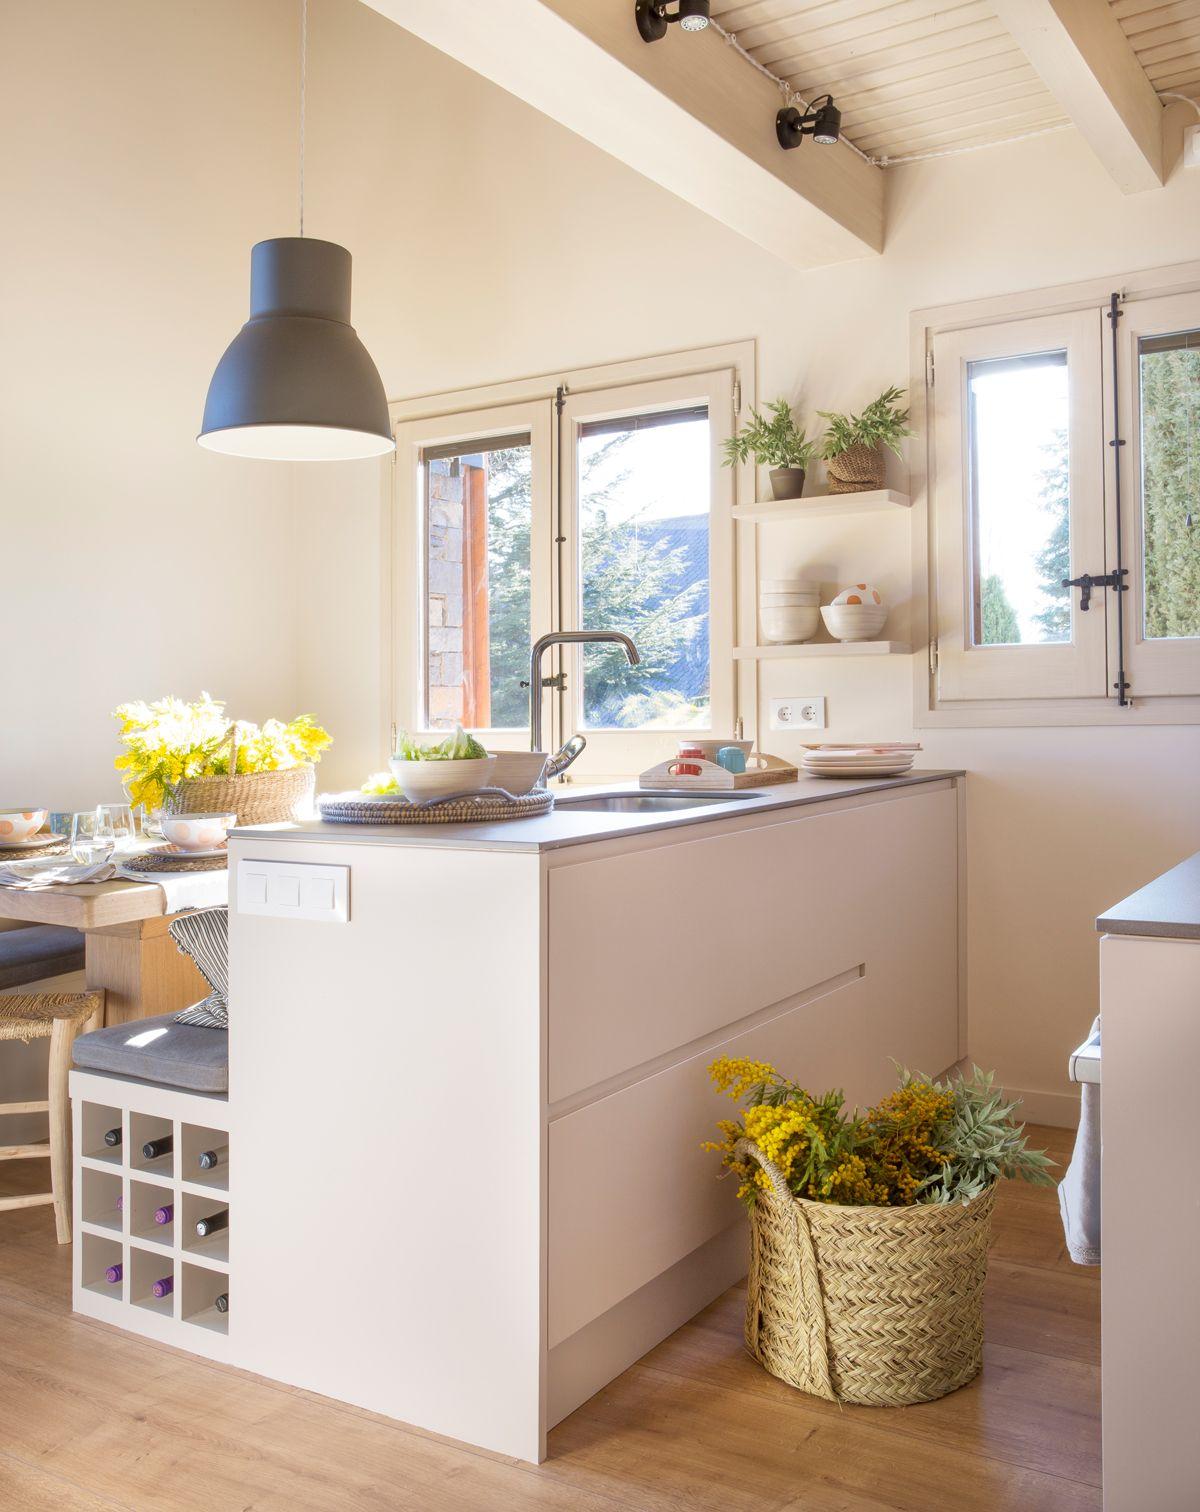 Cocina con isla y office cestas de esparto para decorar - Cocinas office pequenas ...